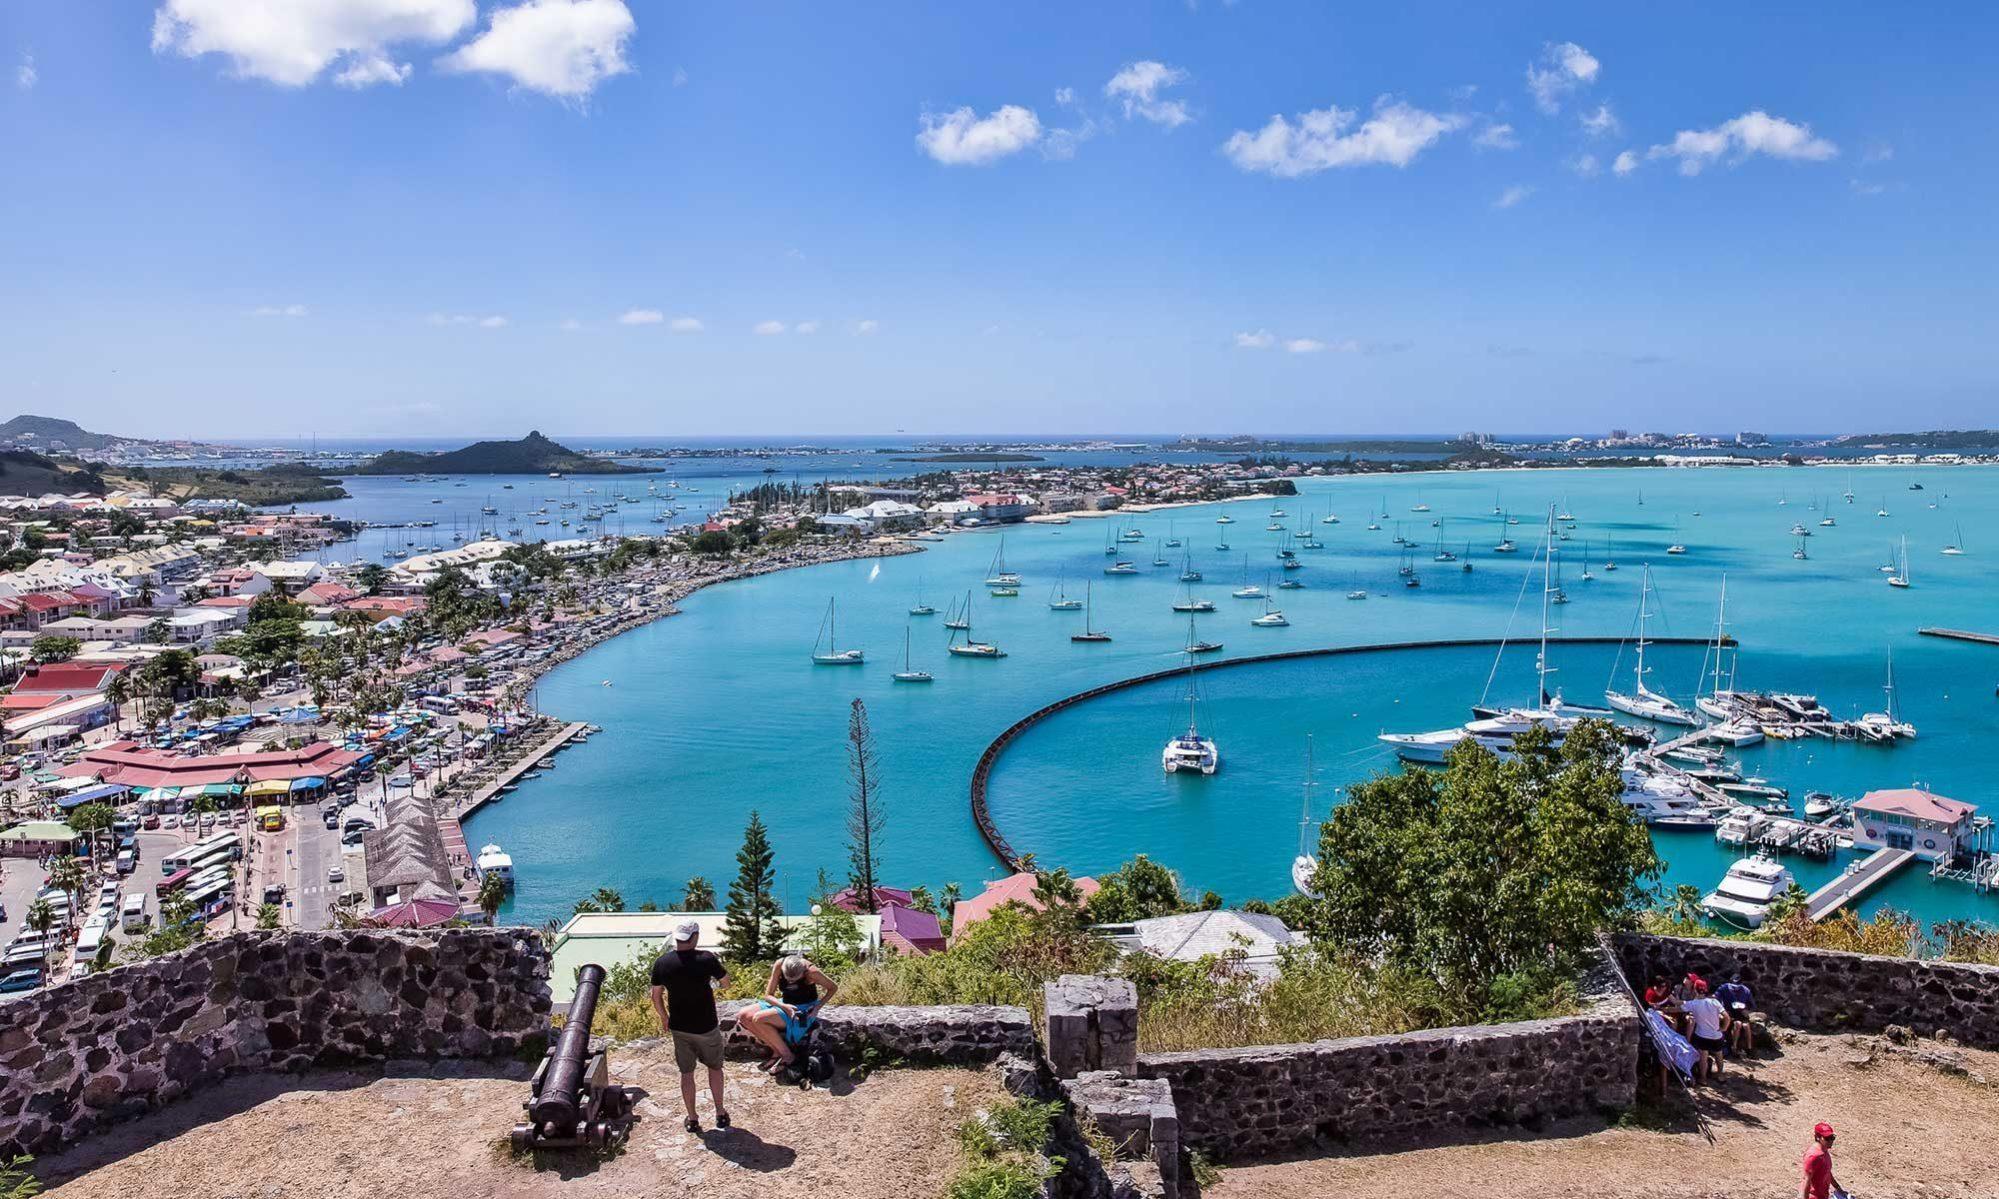 island activities st maarten saint marten island